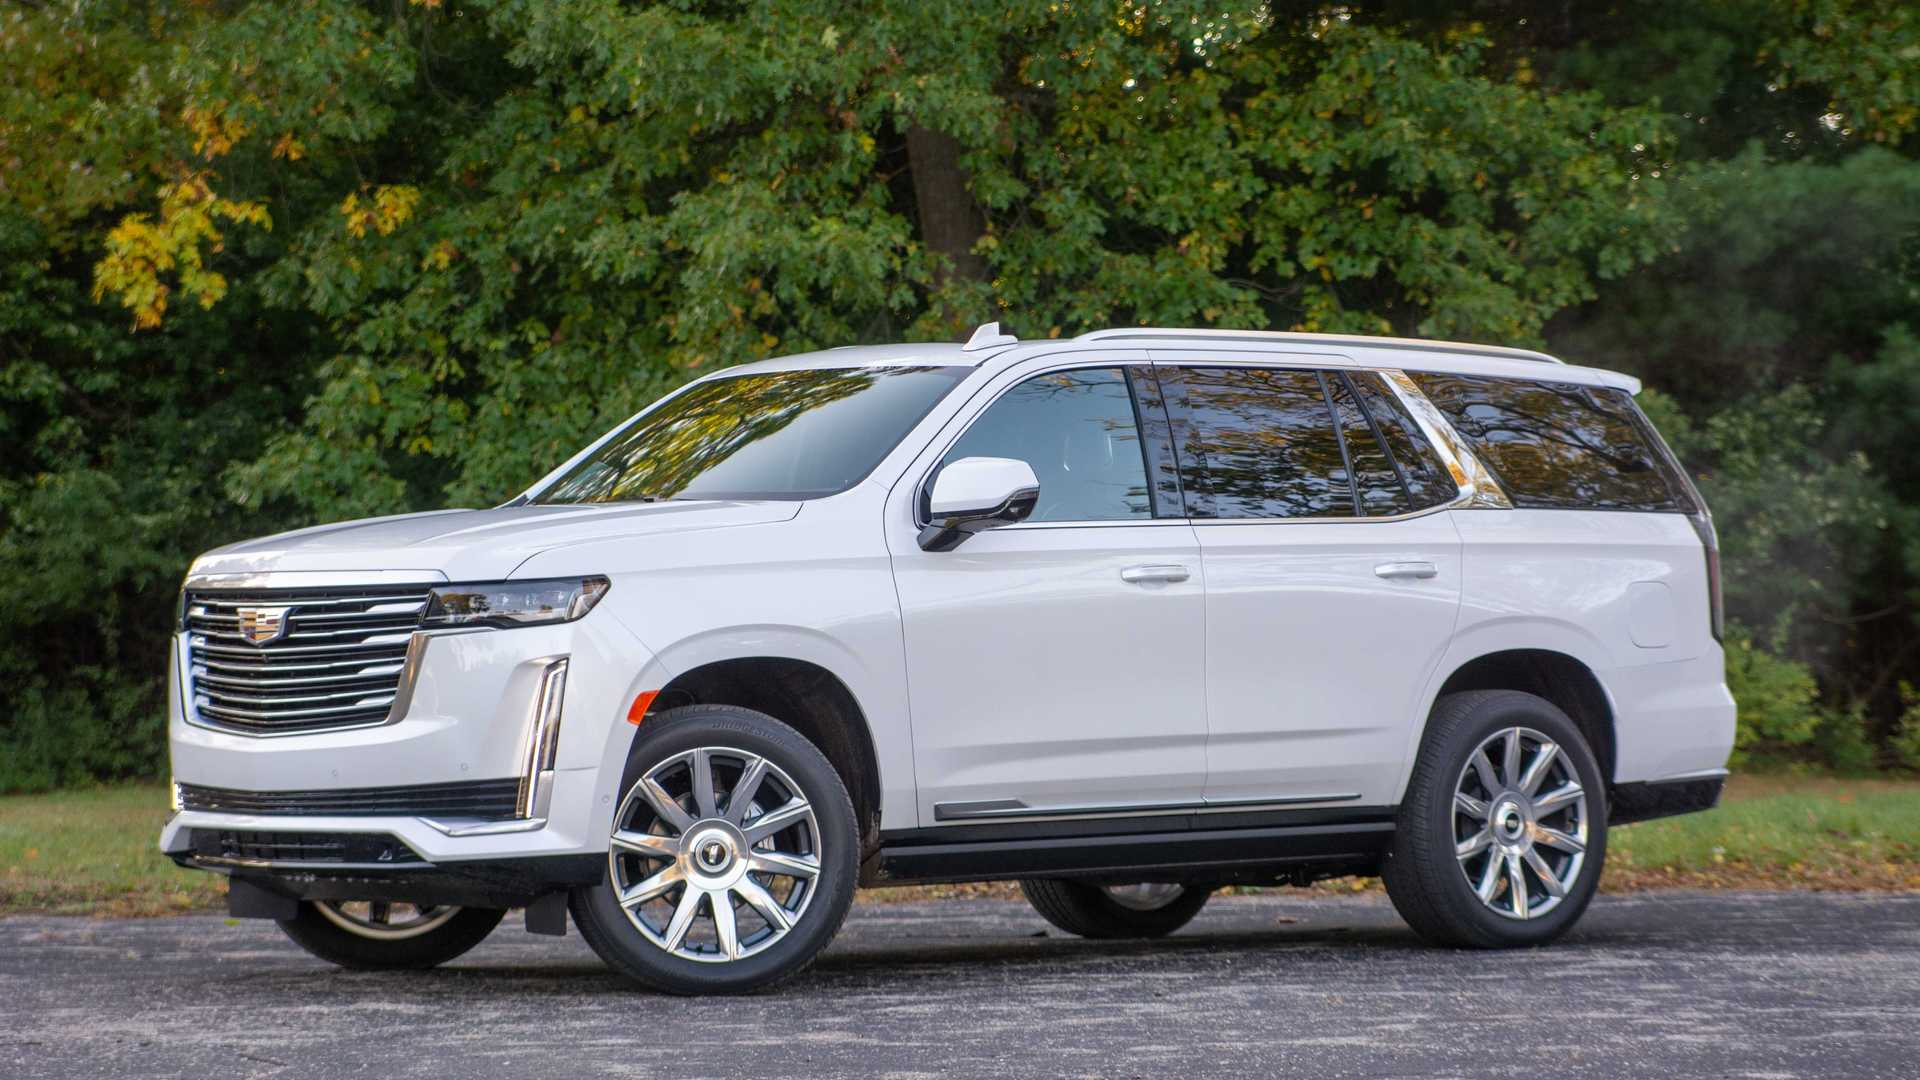 Можете ли вы позволить себе новую машину сейчас, когда средняя цена превышает 40 тысяч долларов?